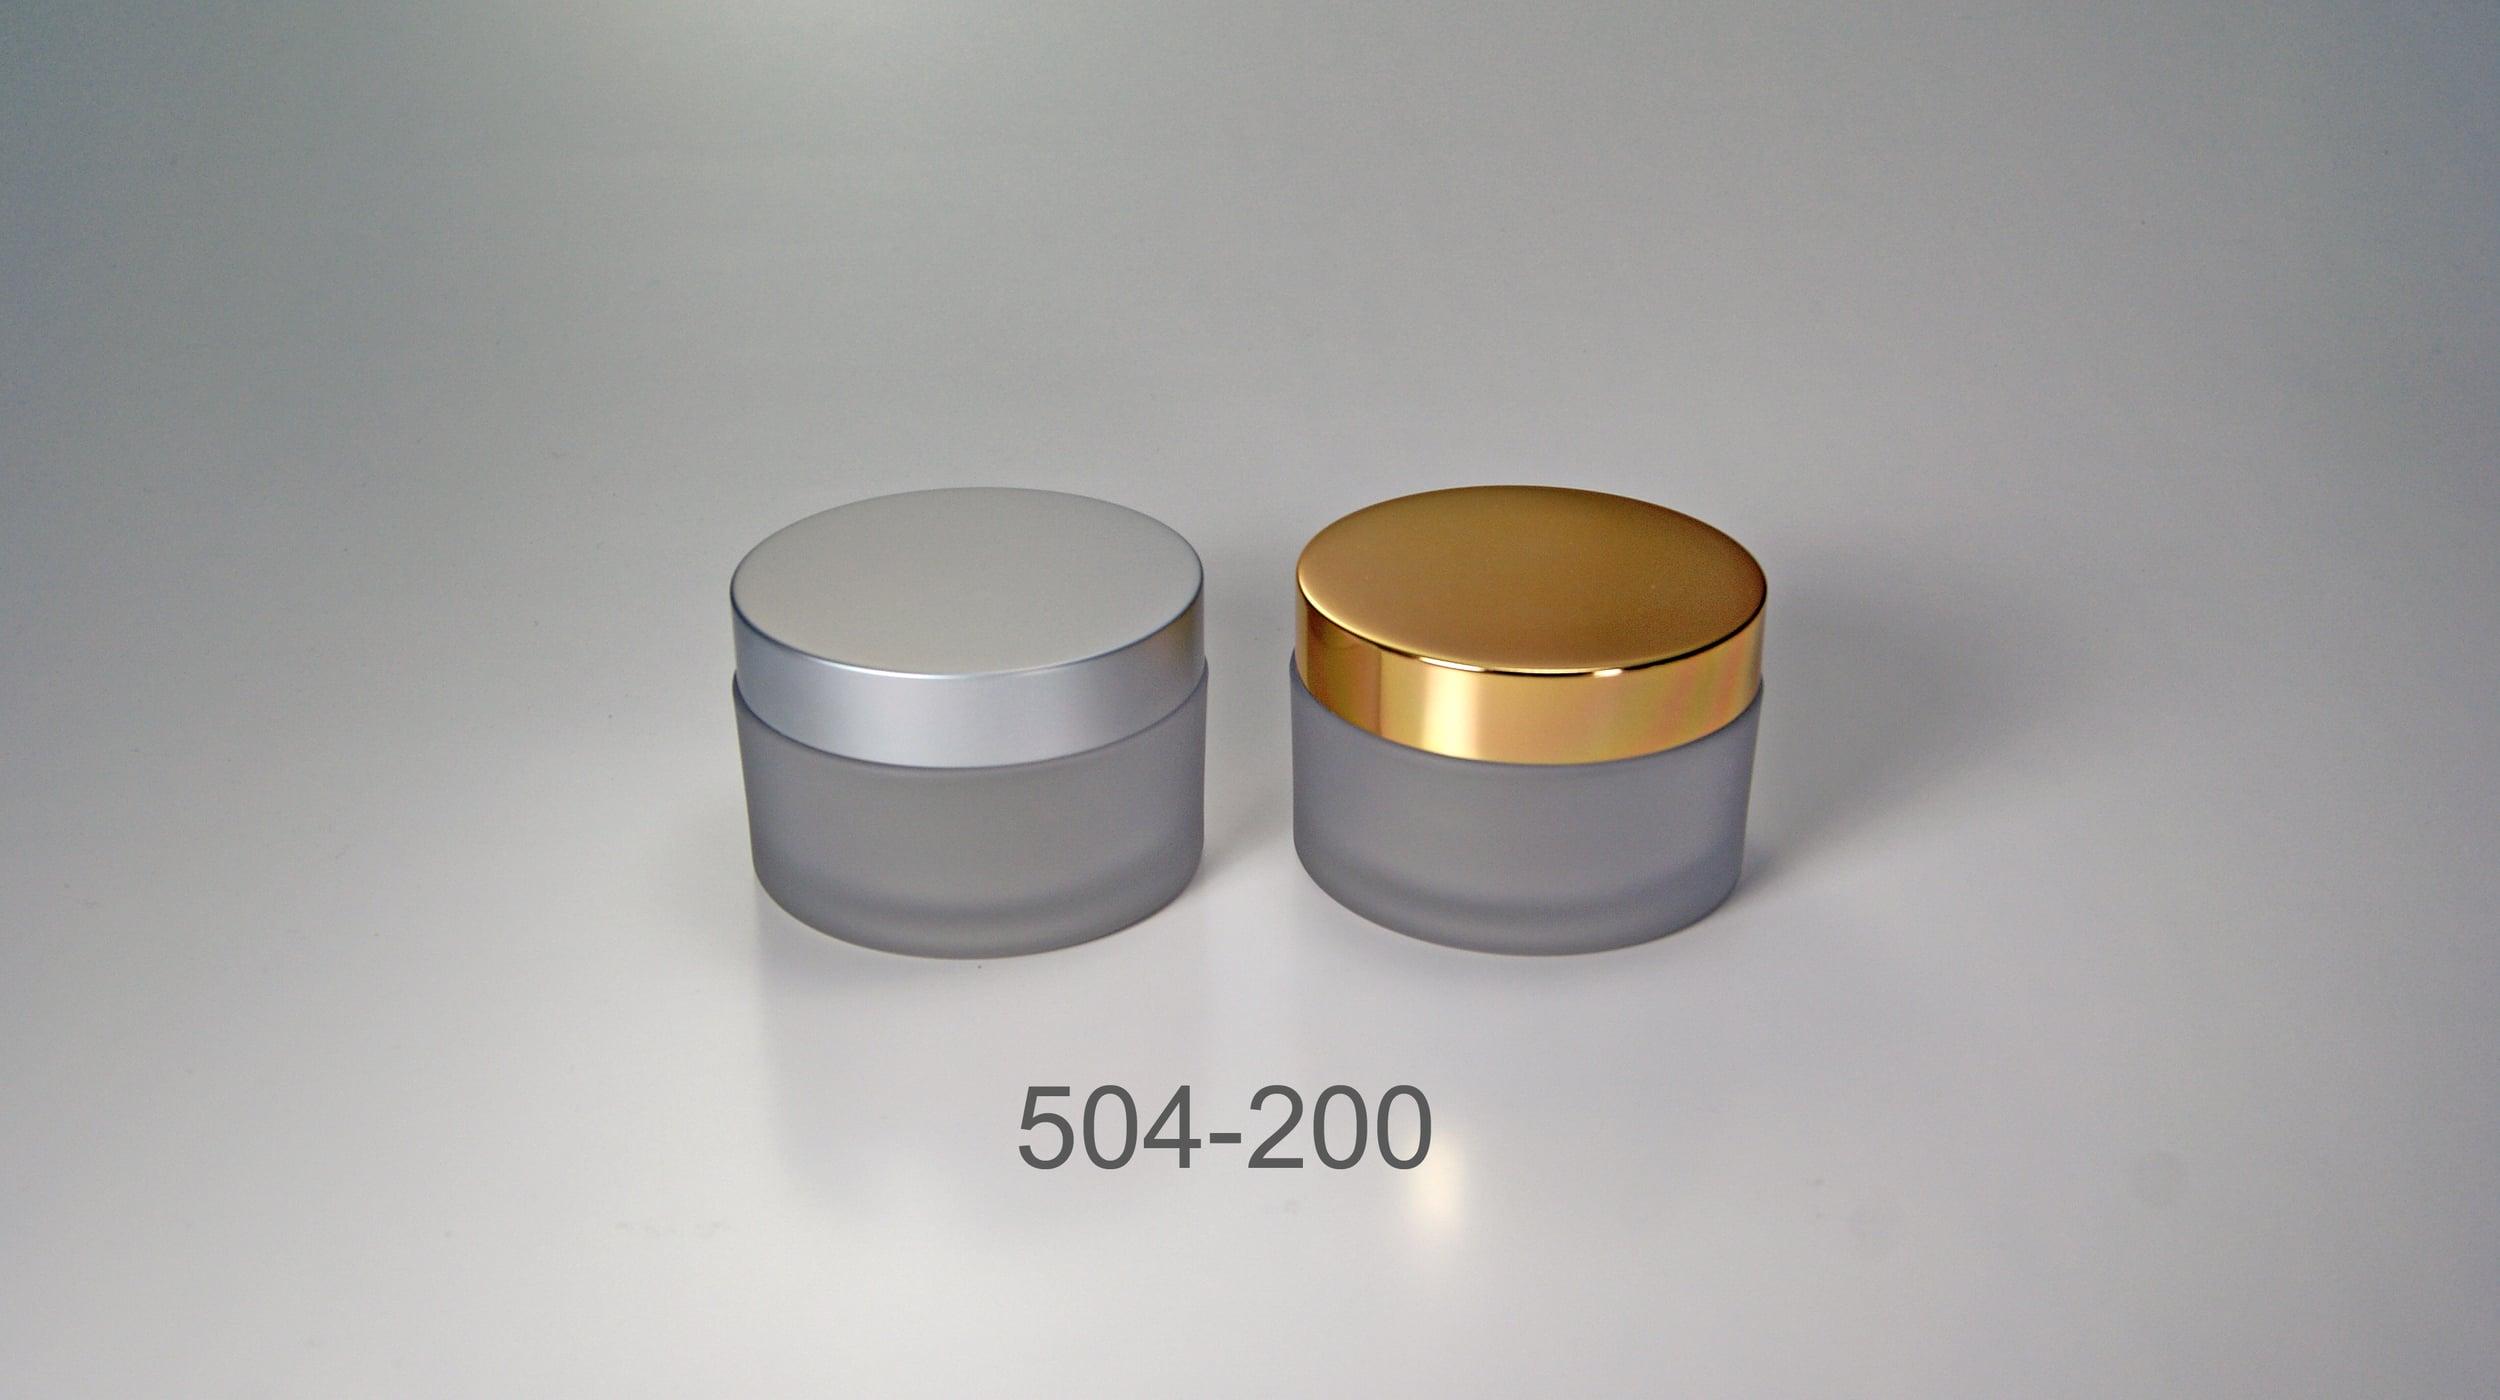 504-200.jpg